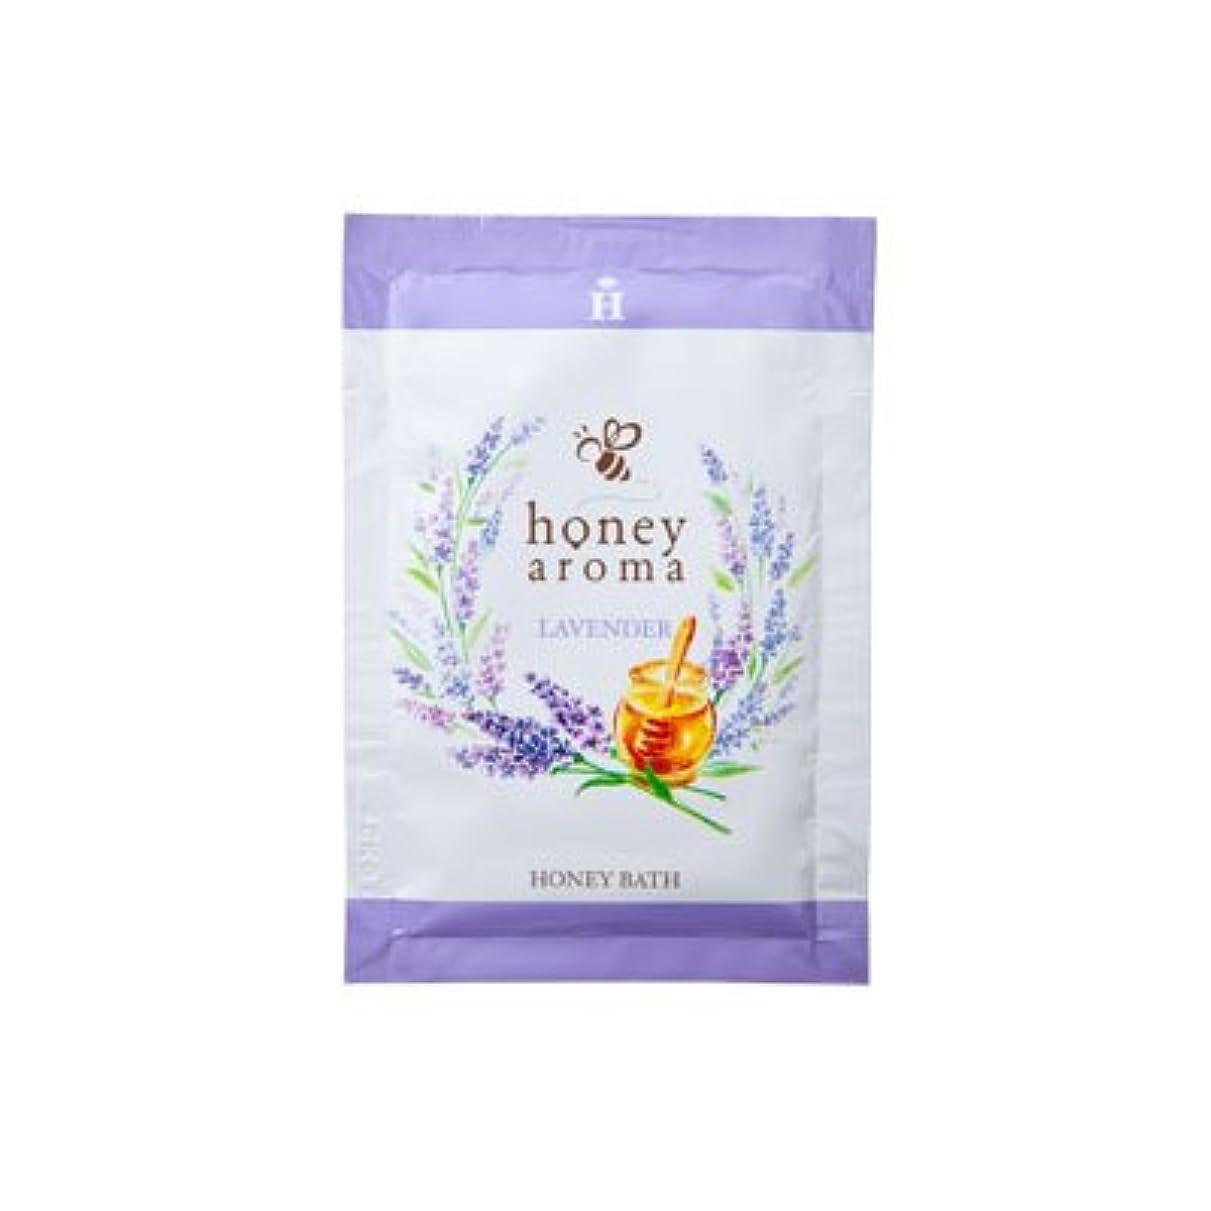 ハニーアロマ ハニーバス(入浴剤) 5包(ラベンダーの香り)